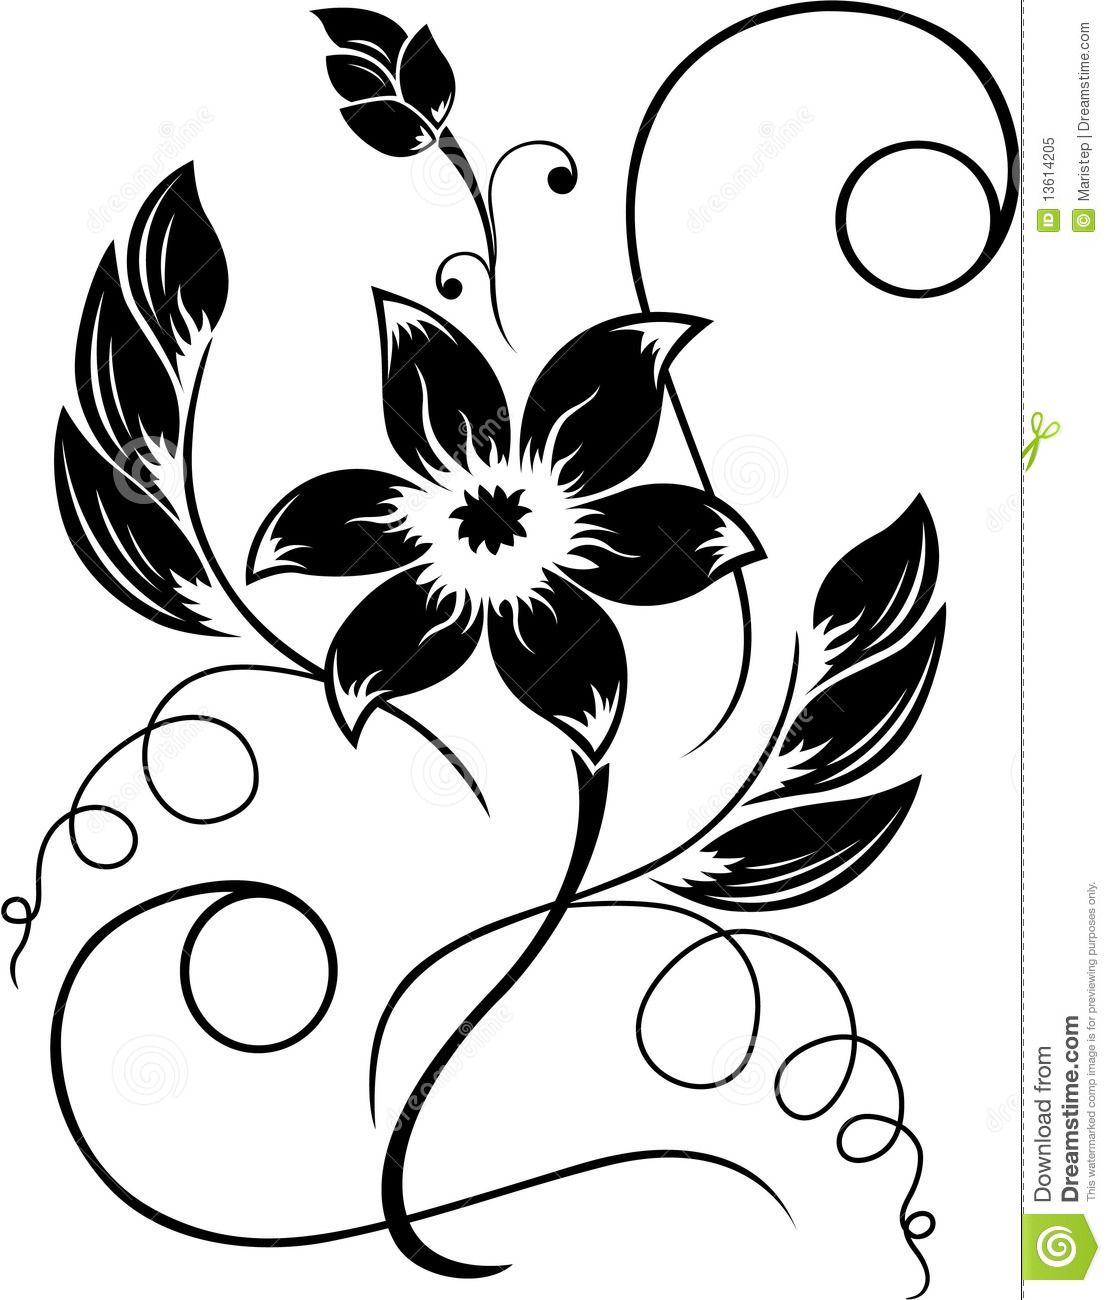 Simple rose drawings.